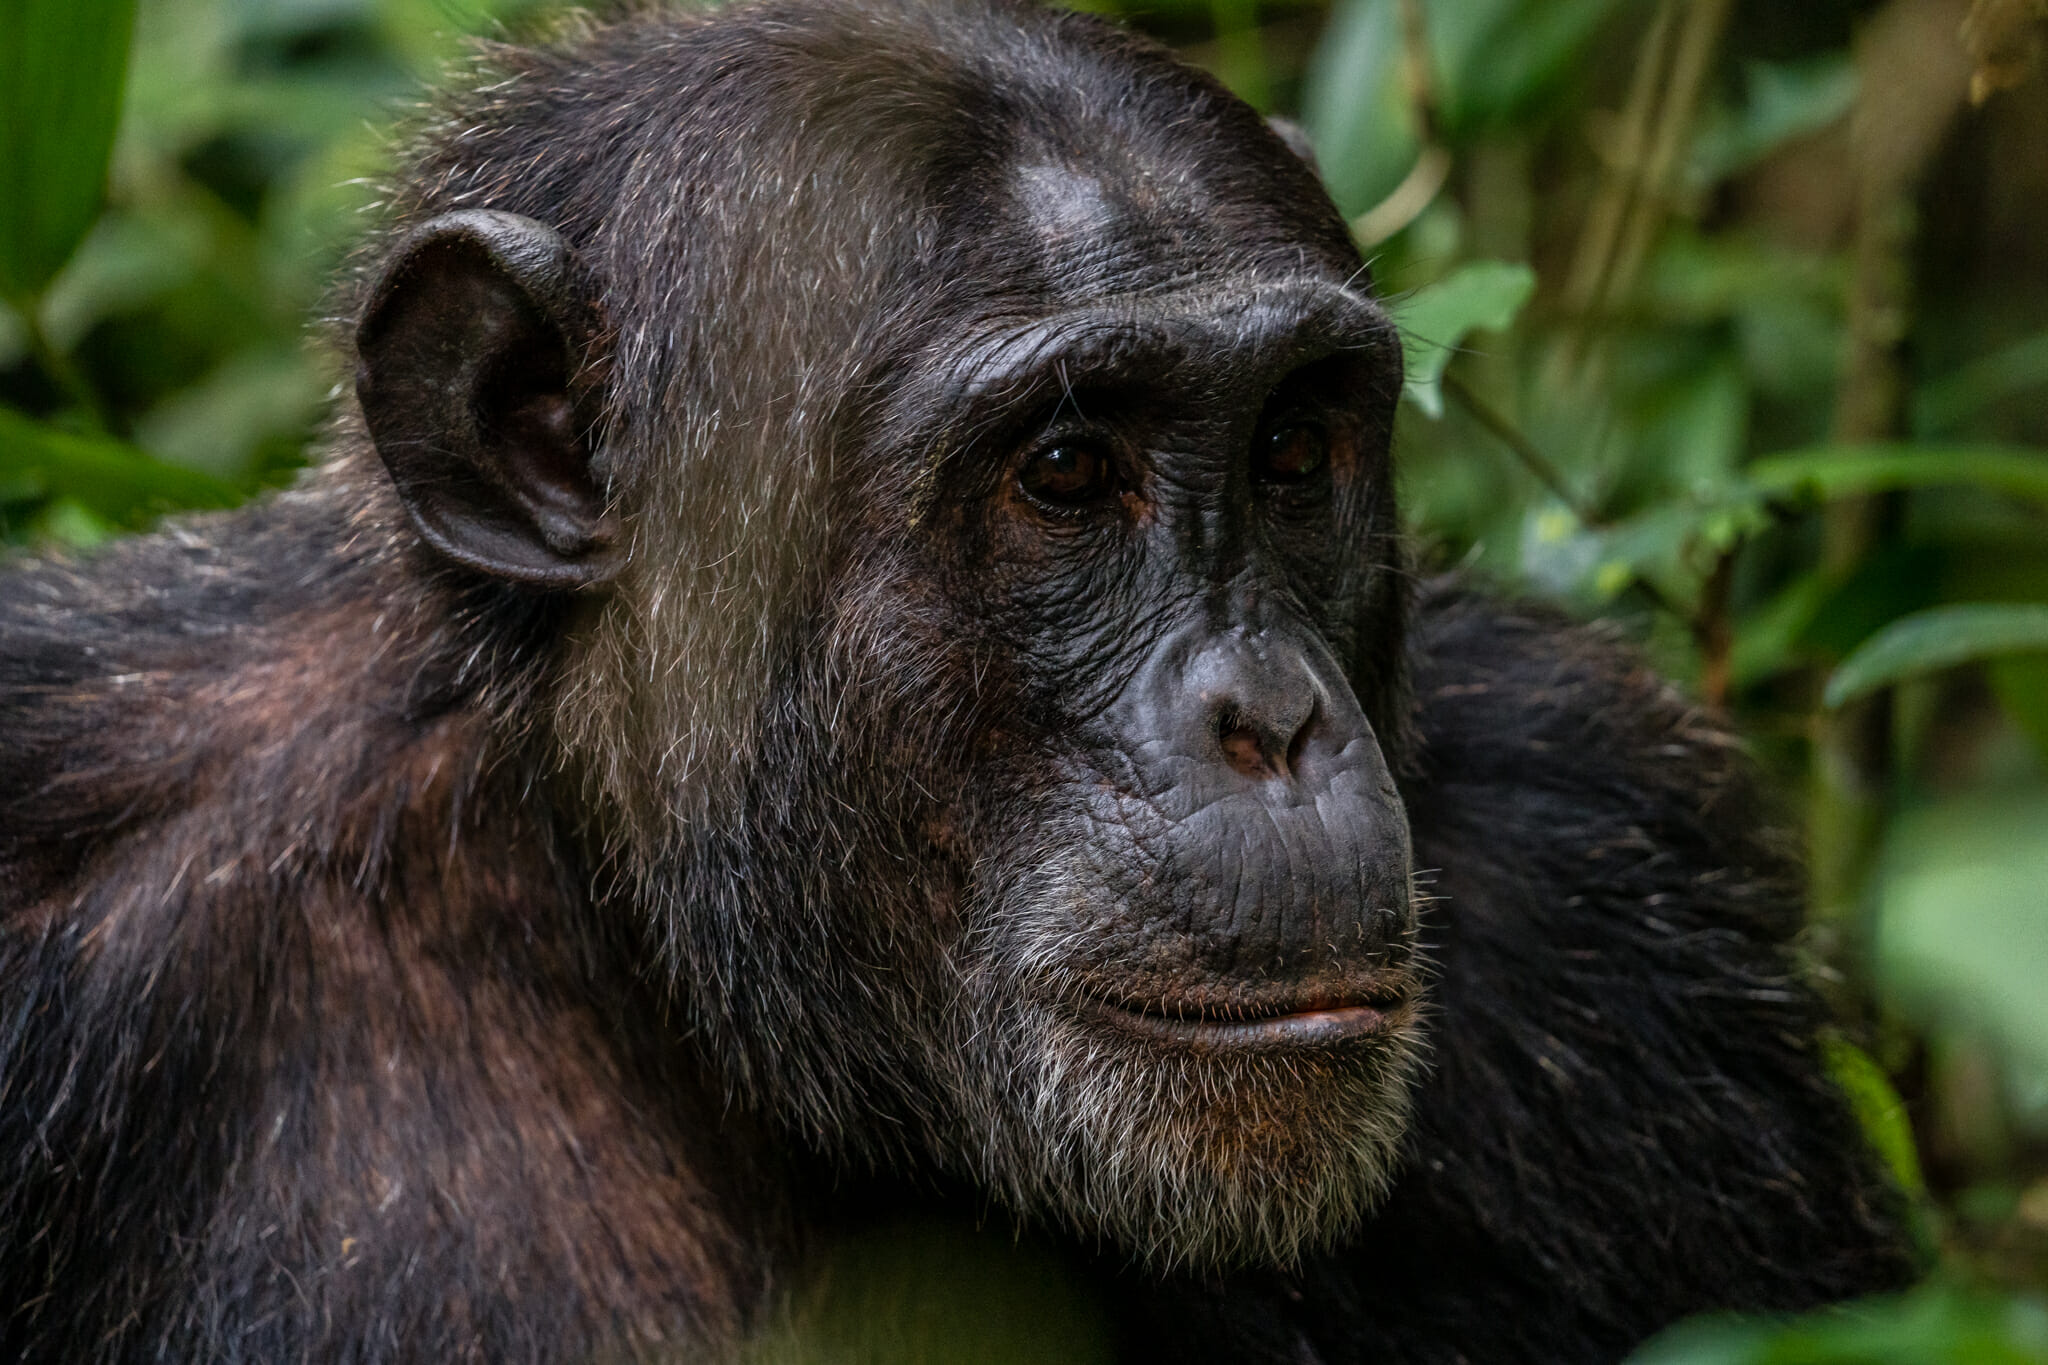 rencontre avec un echimpanze dans la foret de kibale en ouganda